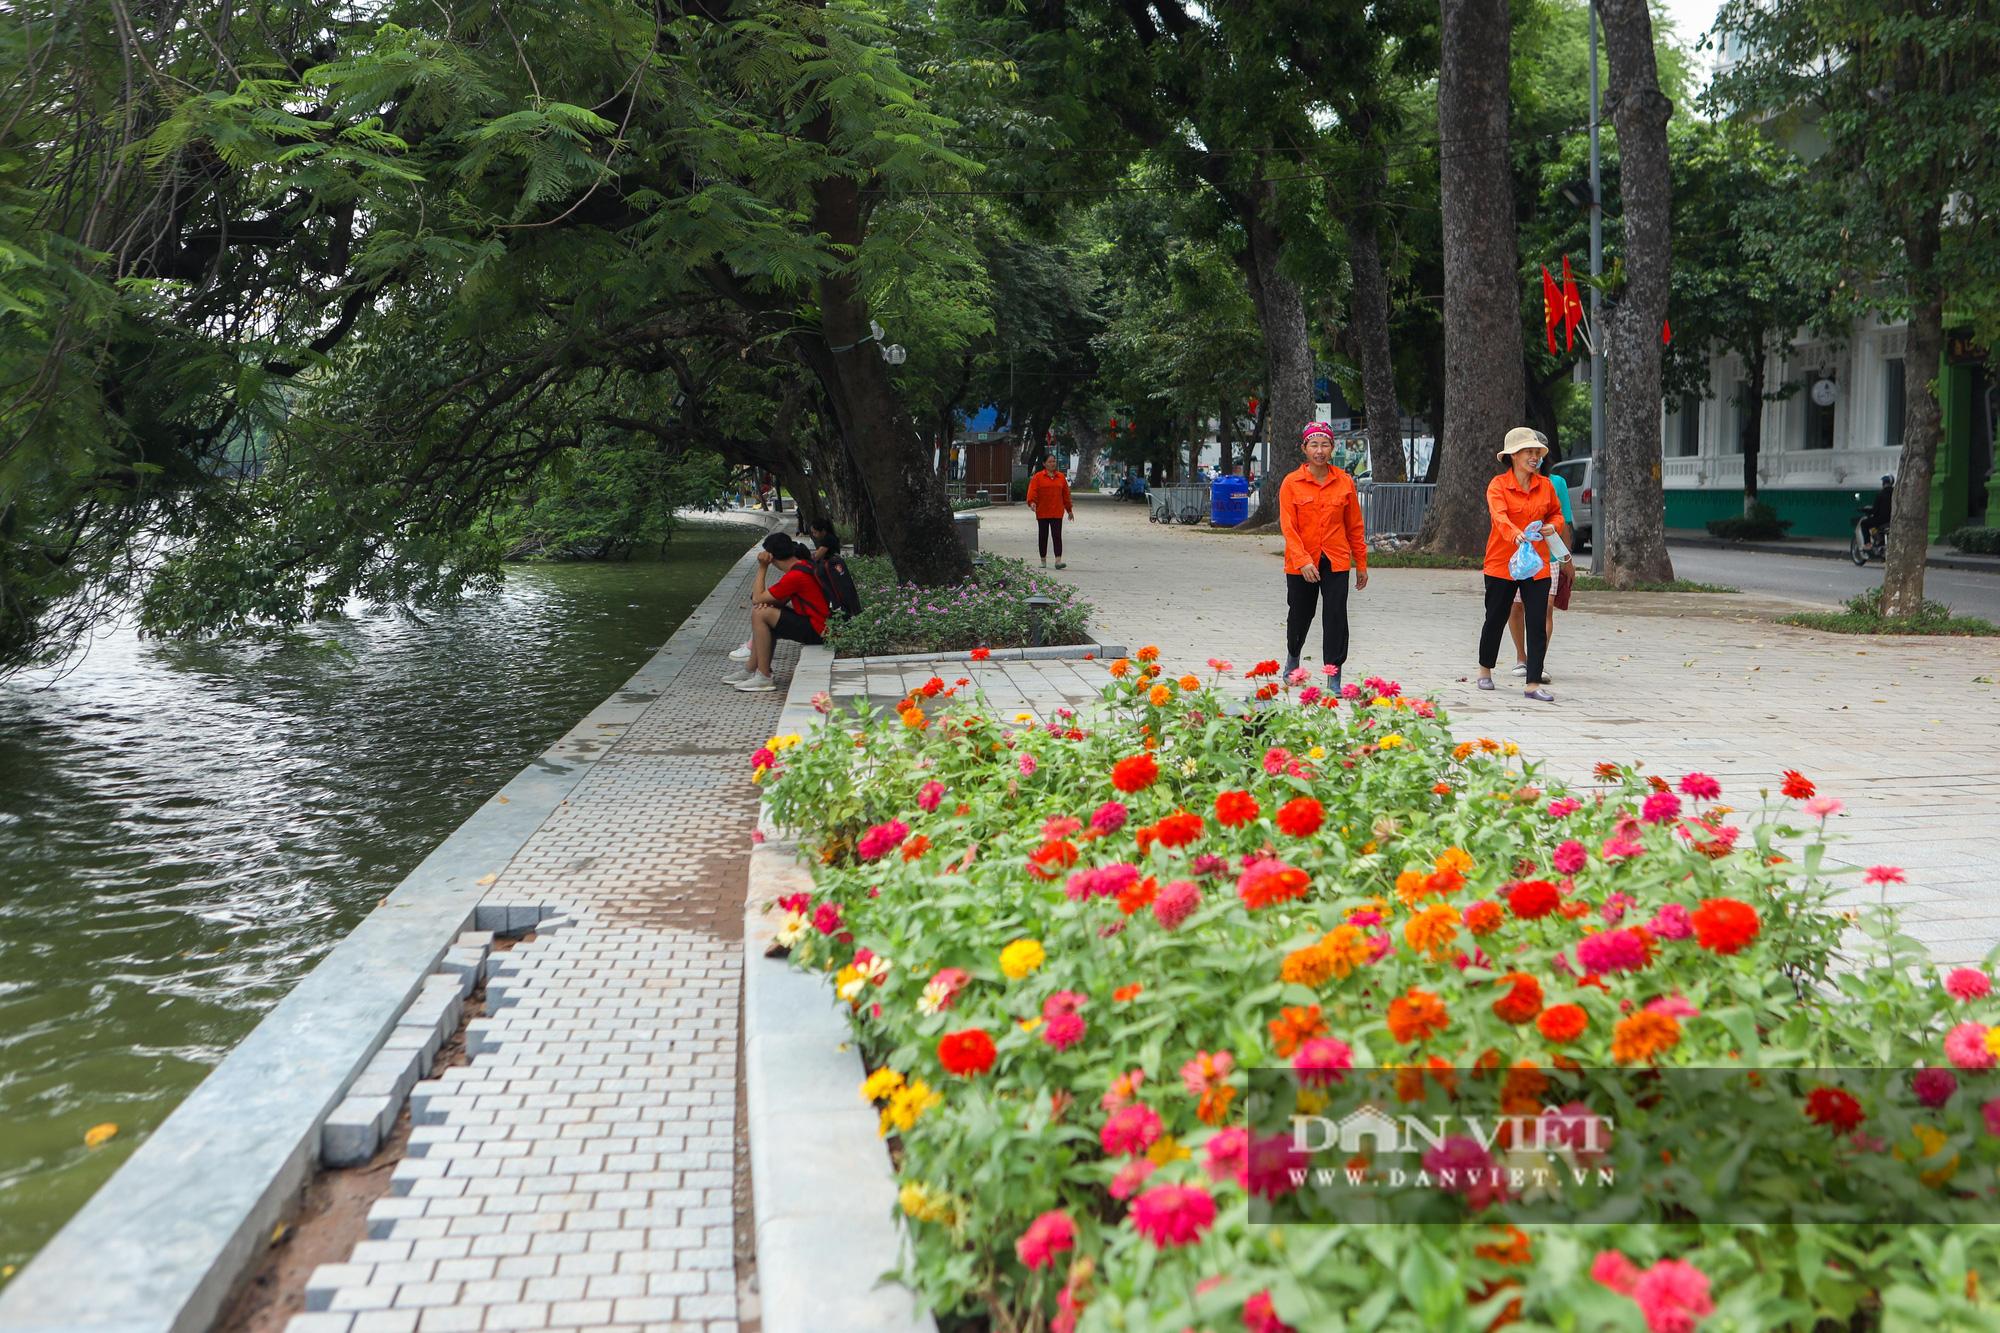 Chiêm ngưỡng vườn hoa mới đẹp ngỡ ngàng bên bờ hồ Hoàn Kiếm  - Ảnh 12.